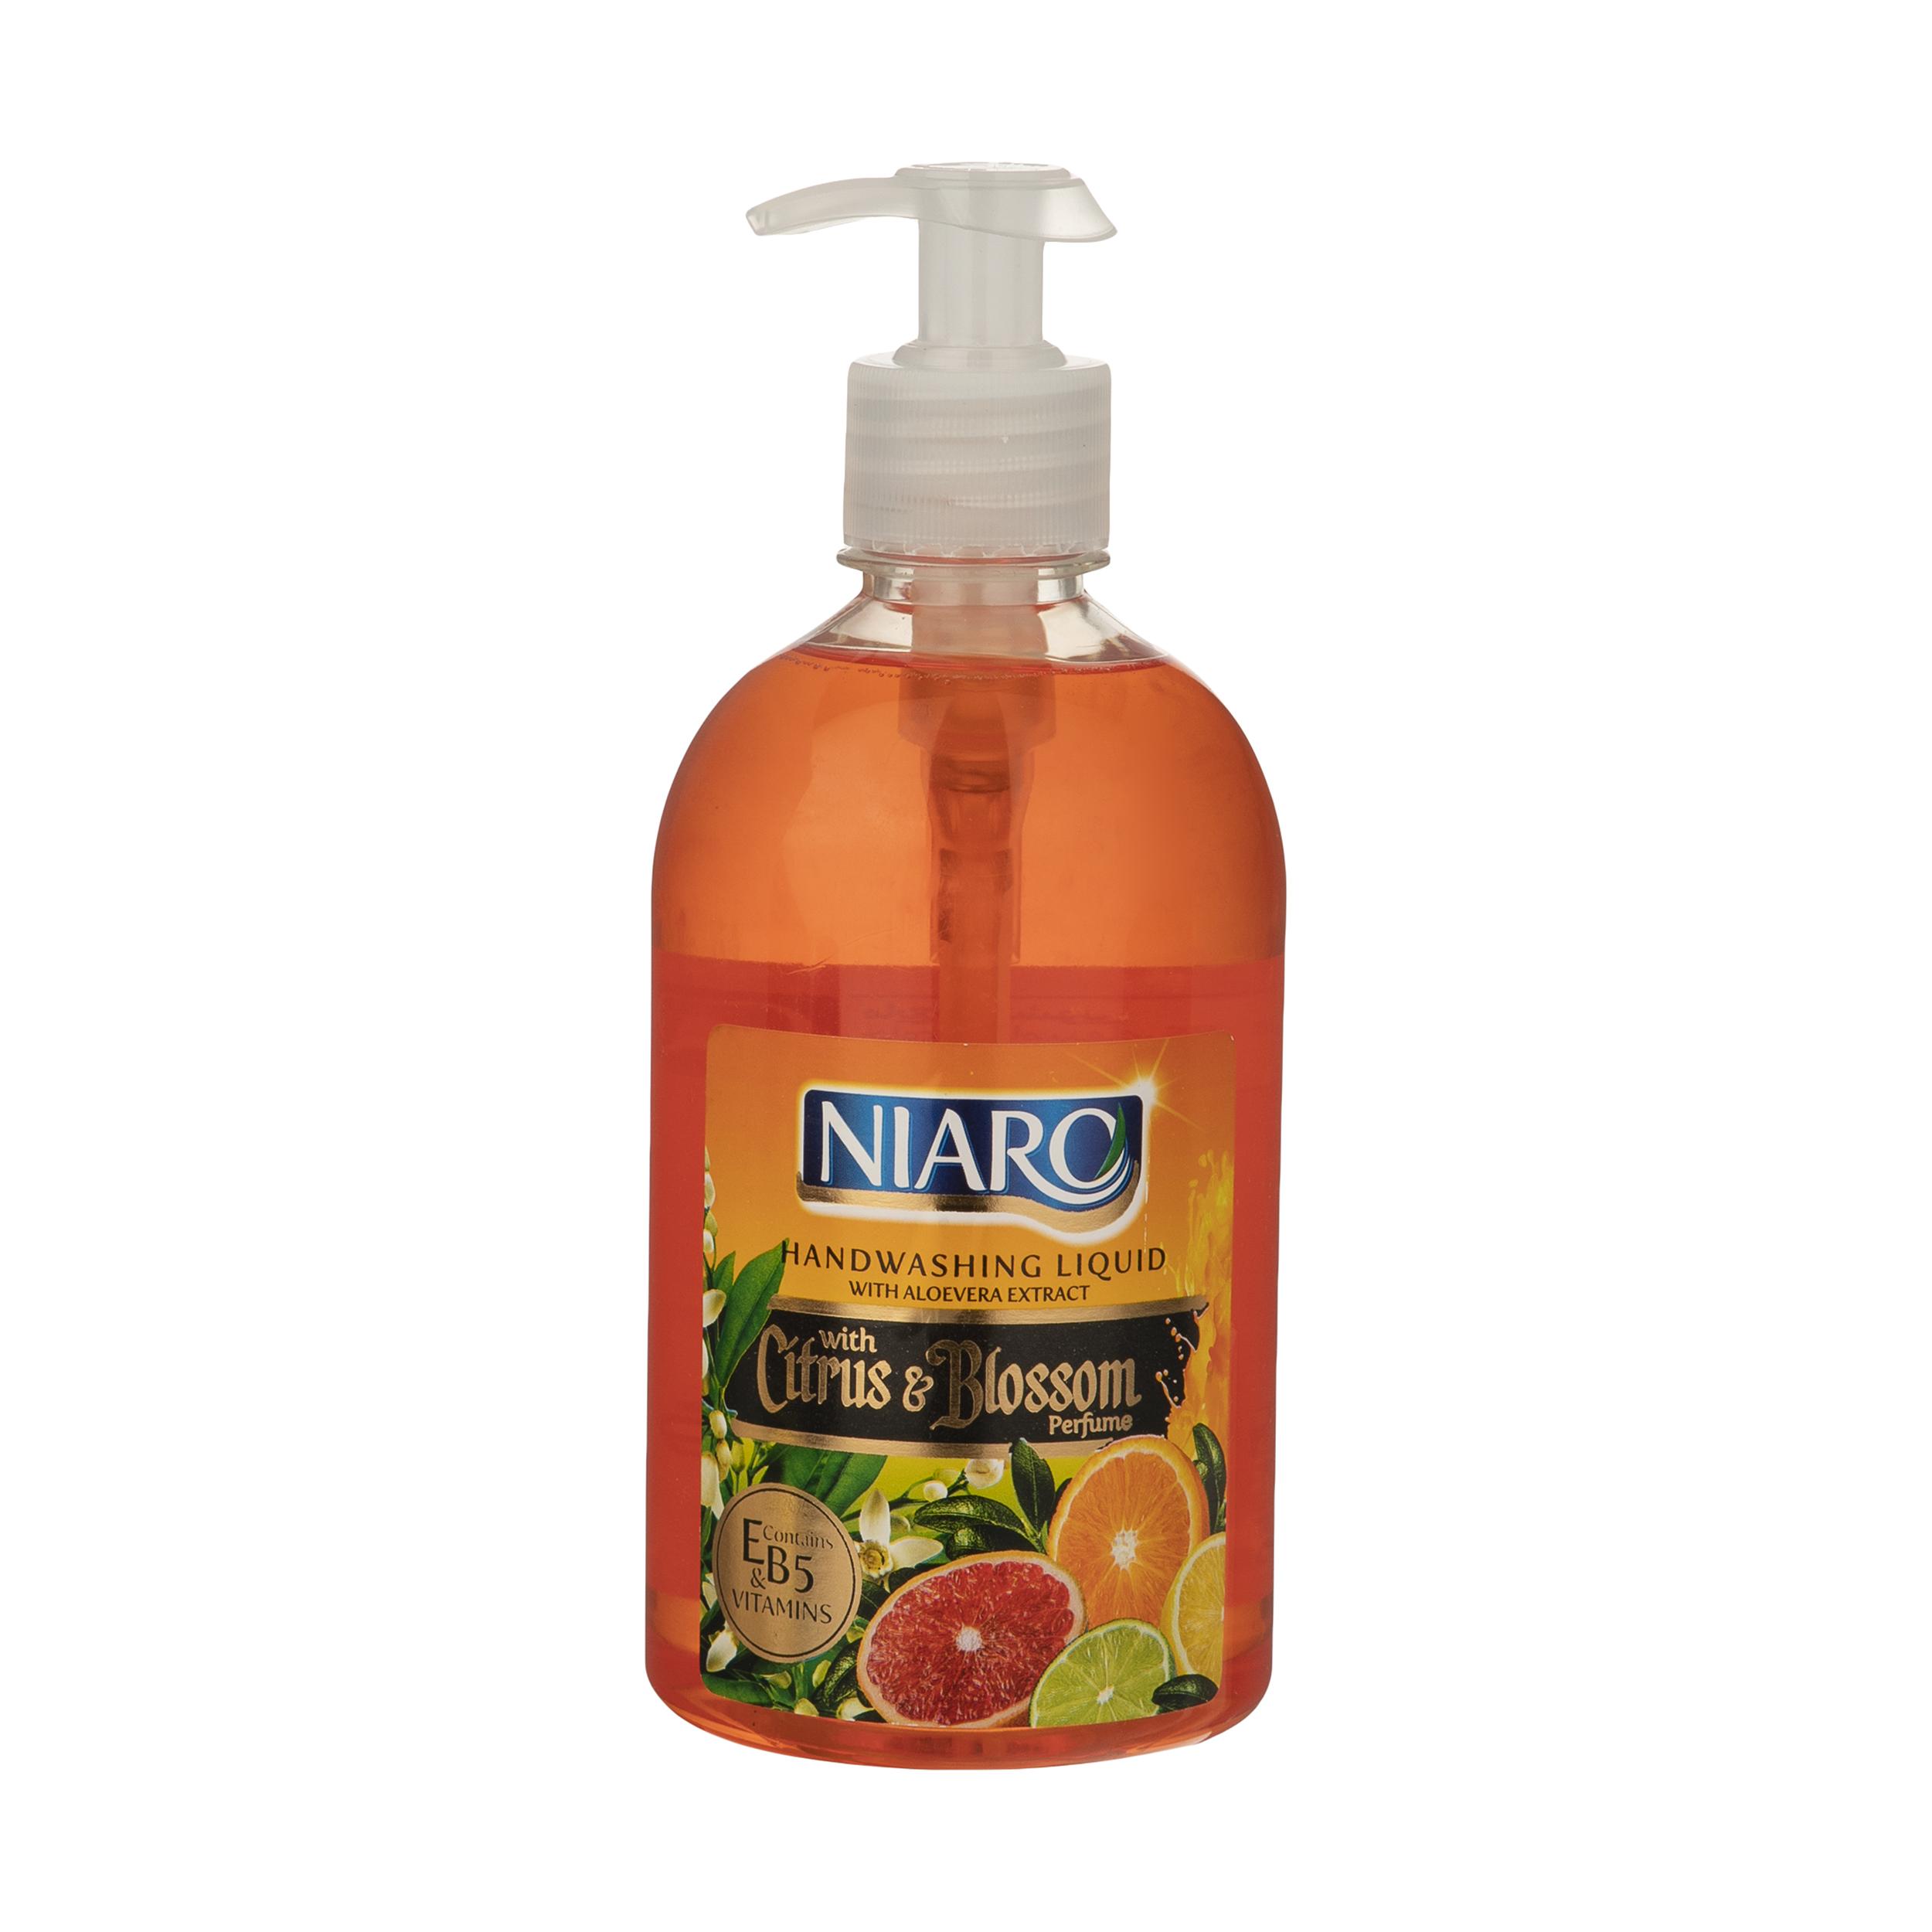 مایع دستشویی نیارو مدل بهار نارنج حجم 500 میلی لیتر